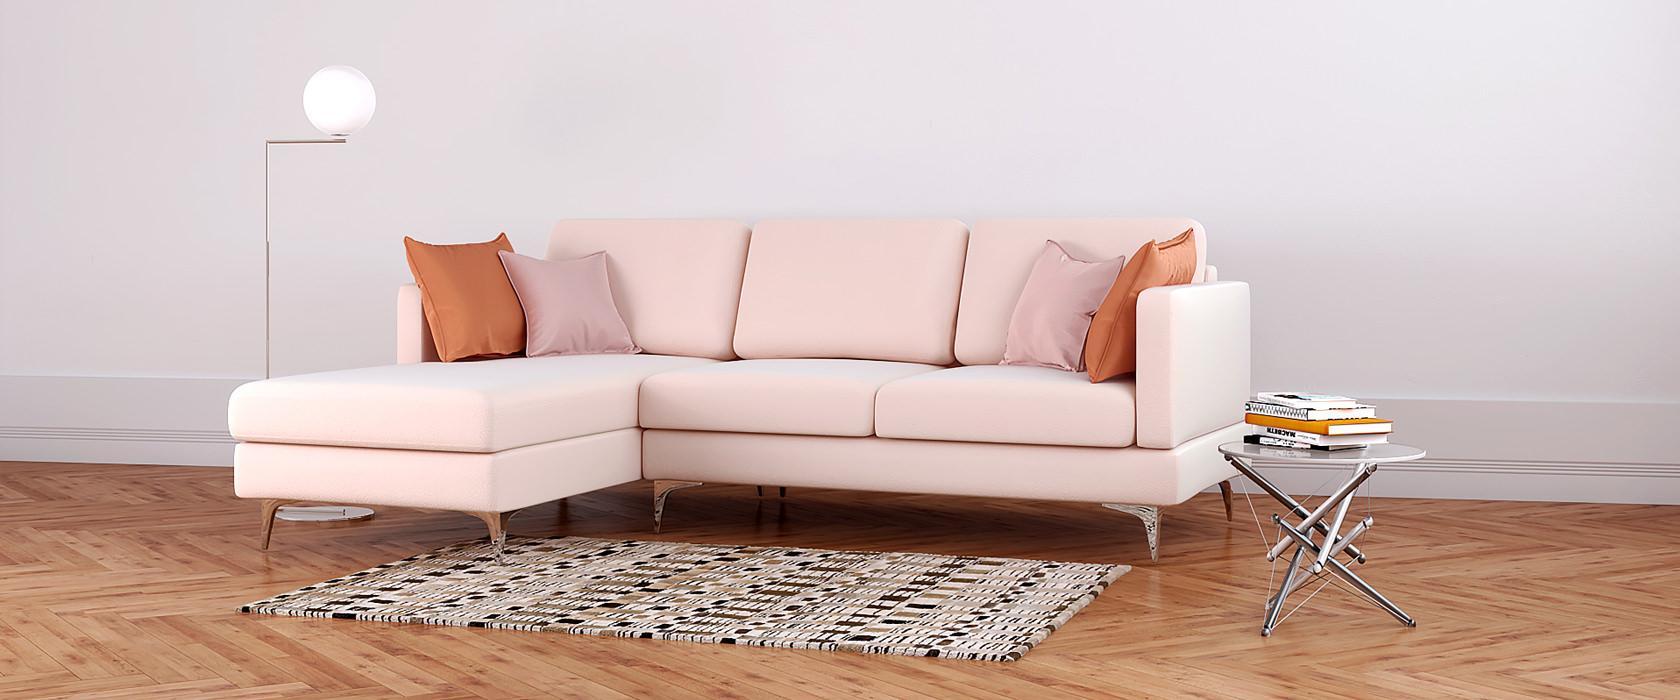 Угловой диван Bruno Club - Фото 2 - Pufetto